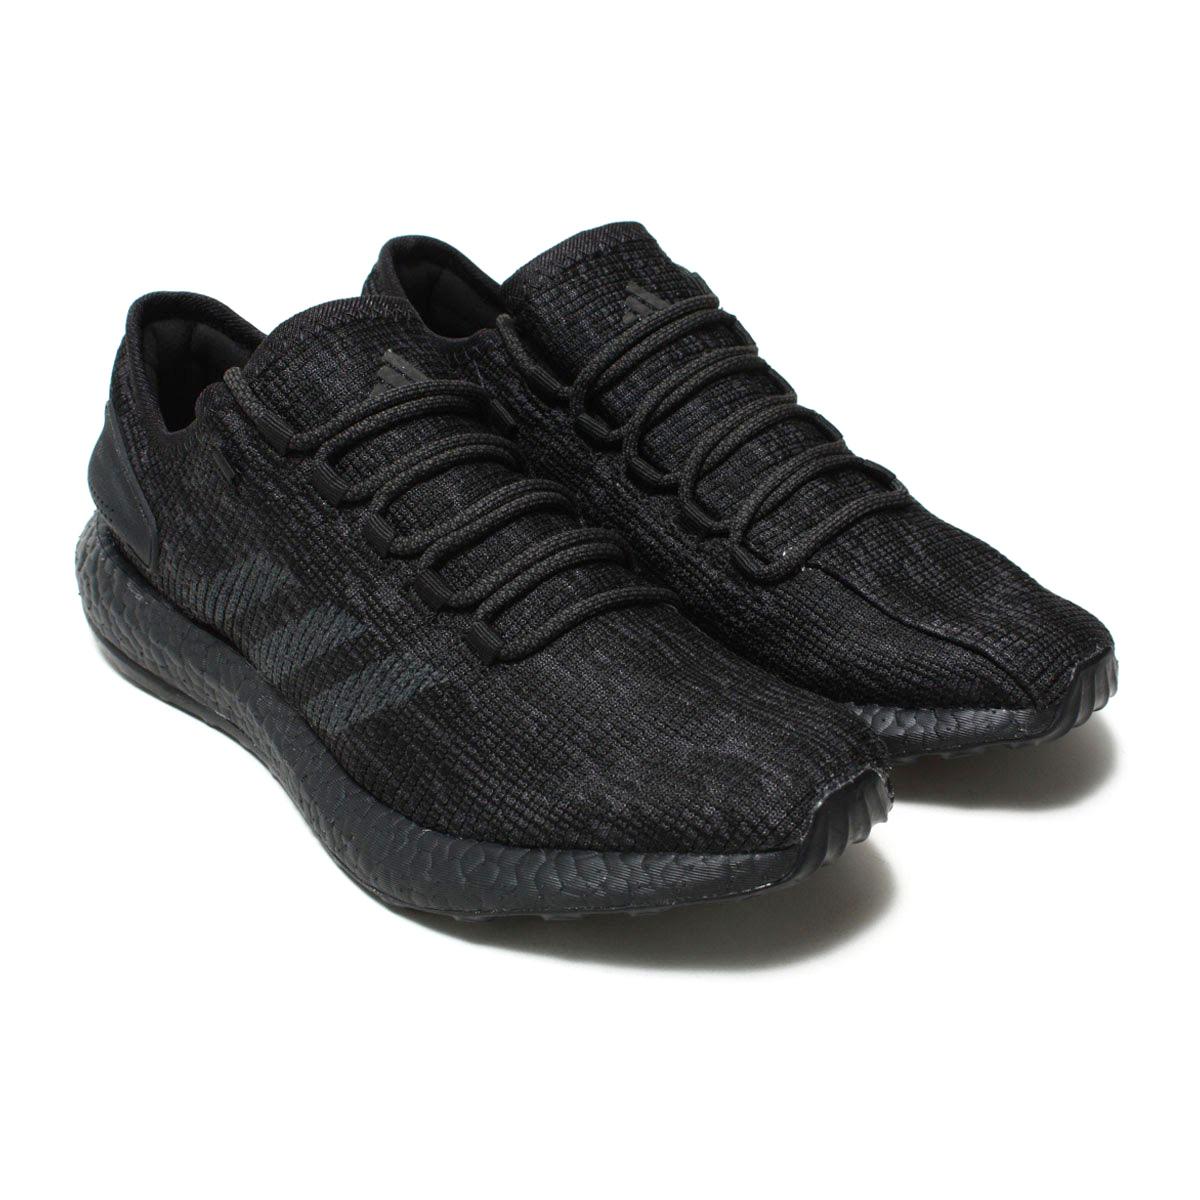 adidas Originals PureBOOST LTD(アディダス オリジナルス ピュアブースト LTD)(コアブラック/DGH ソリッドグレー/DGH ソリッドグレー)18SS-I